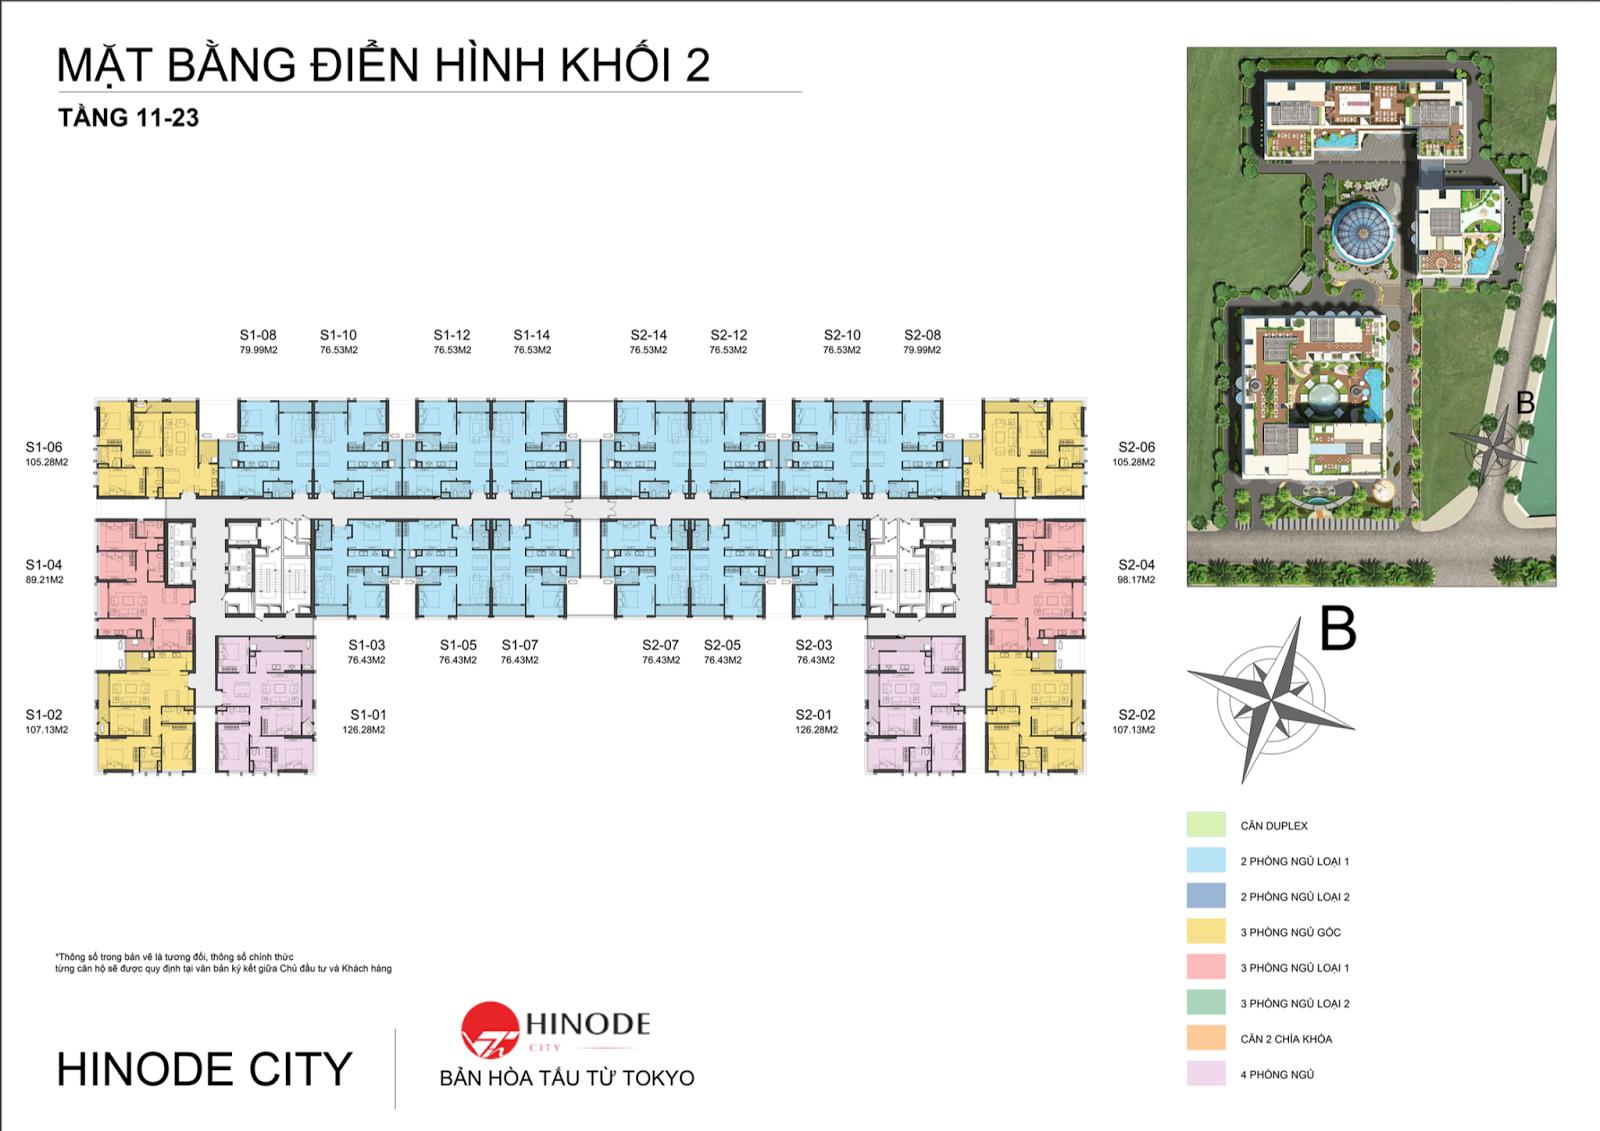 Mặt bằng điển hình toà C dự án 201 Minh Khai